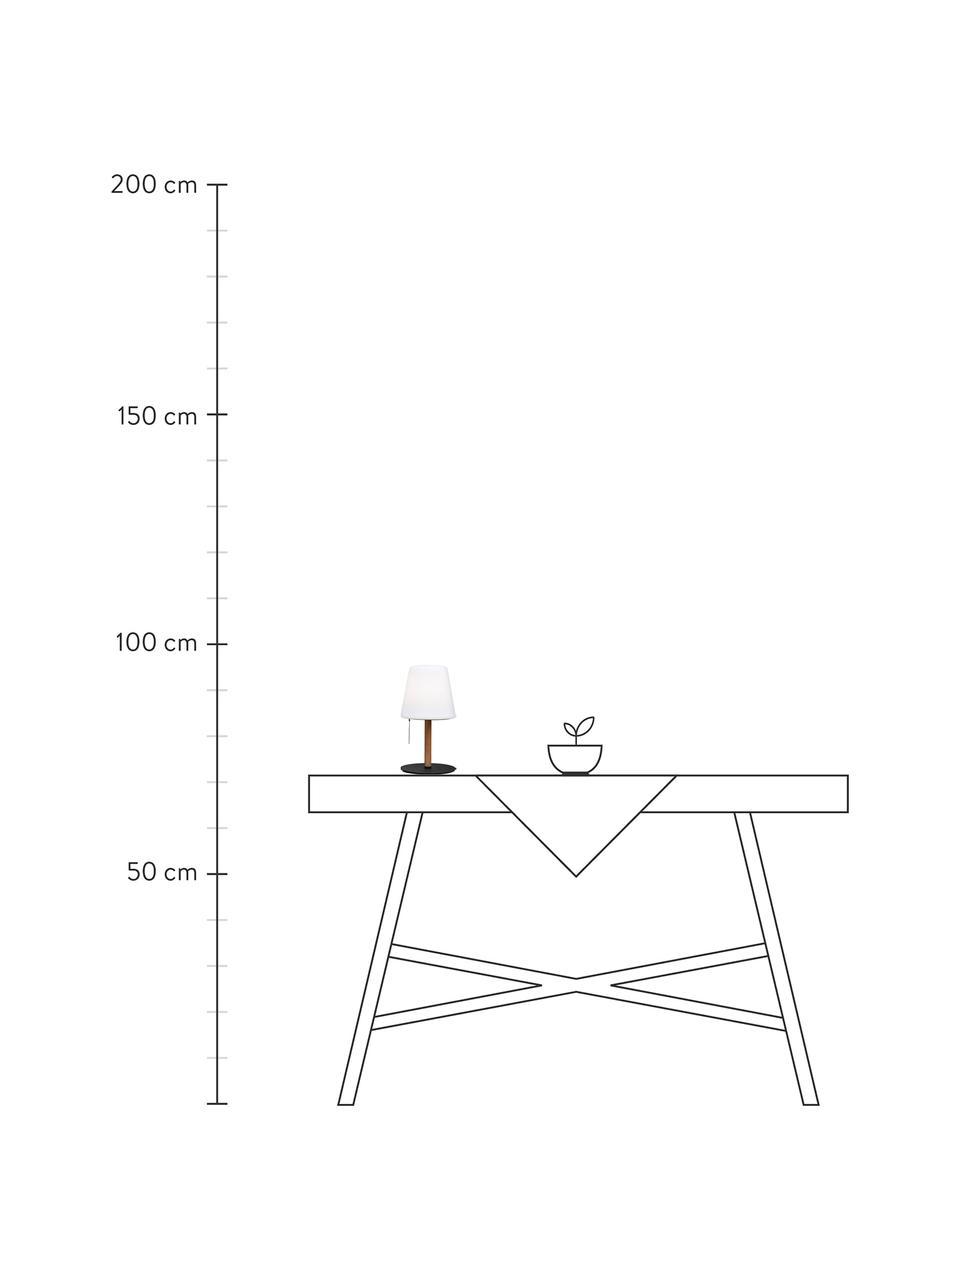 Kleine Mobile Dimmbare Leuchte Northern mit Flammen-Effekt zum Stellen oder Stecken, Lampenschirm: Kunststoff, Sockel: Metall, beschichtet, Weiß, Braun, Schwarz, Ø 17 x H 30 cm